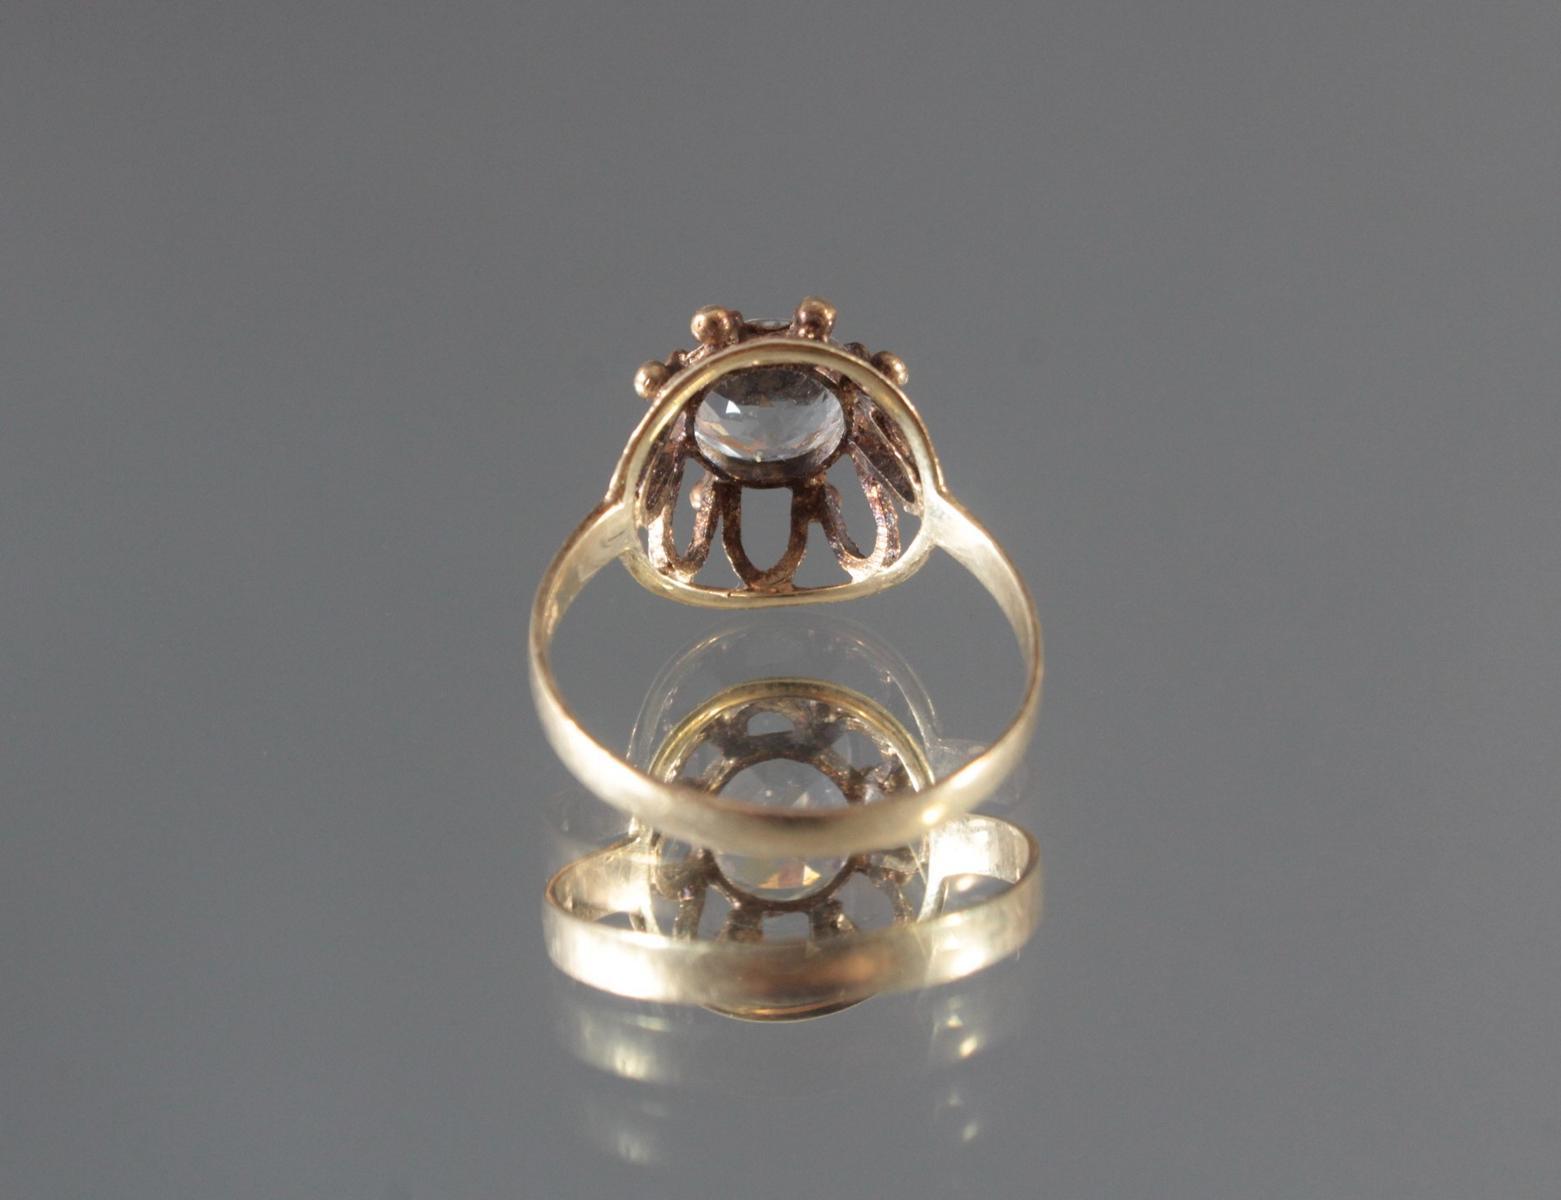 Antiker Damenring mit Zirkonia im Diamantschliff, 14 Karat Gelbgold-4